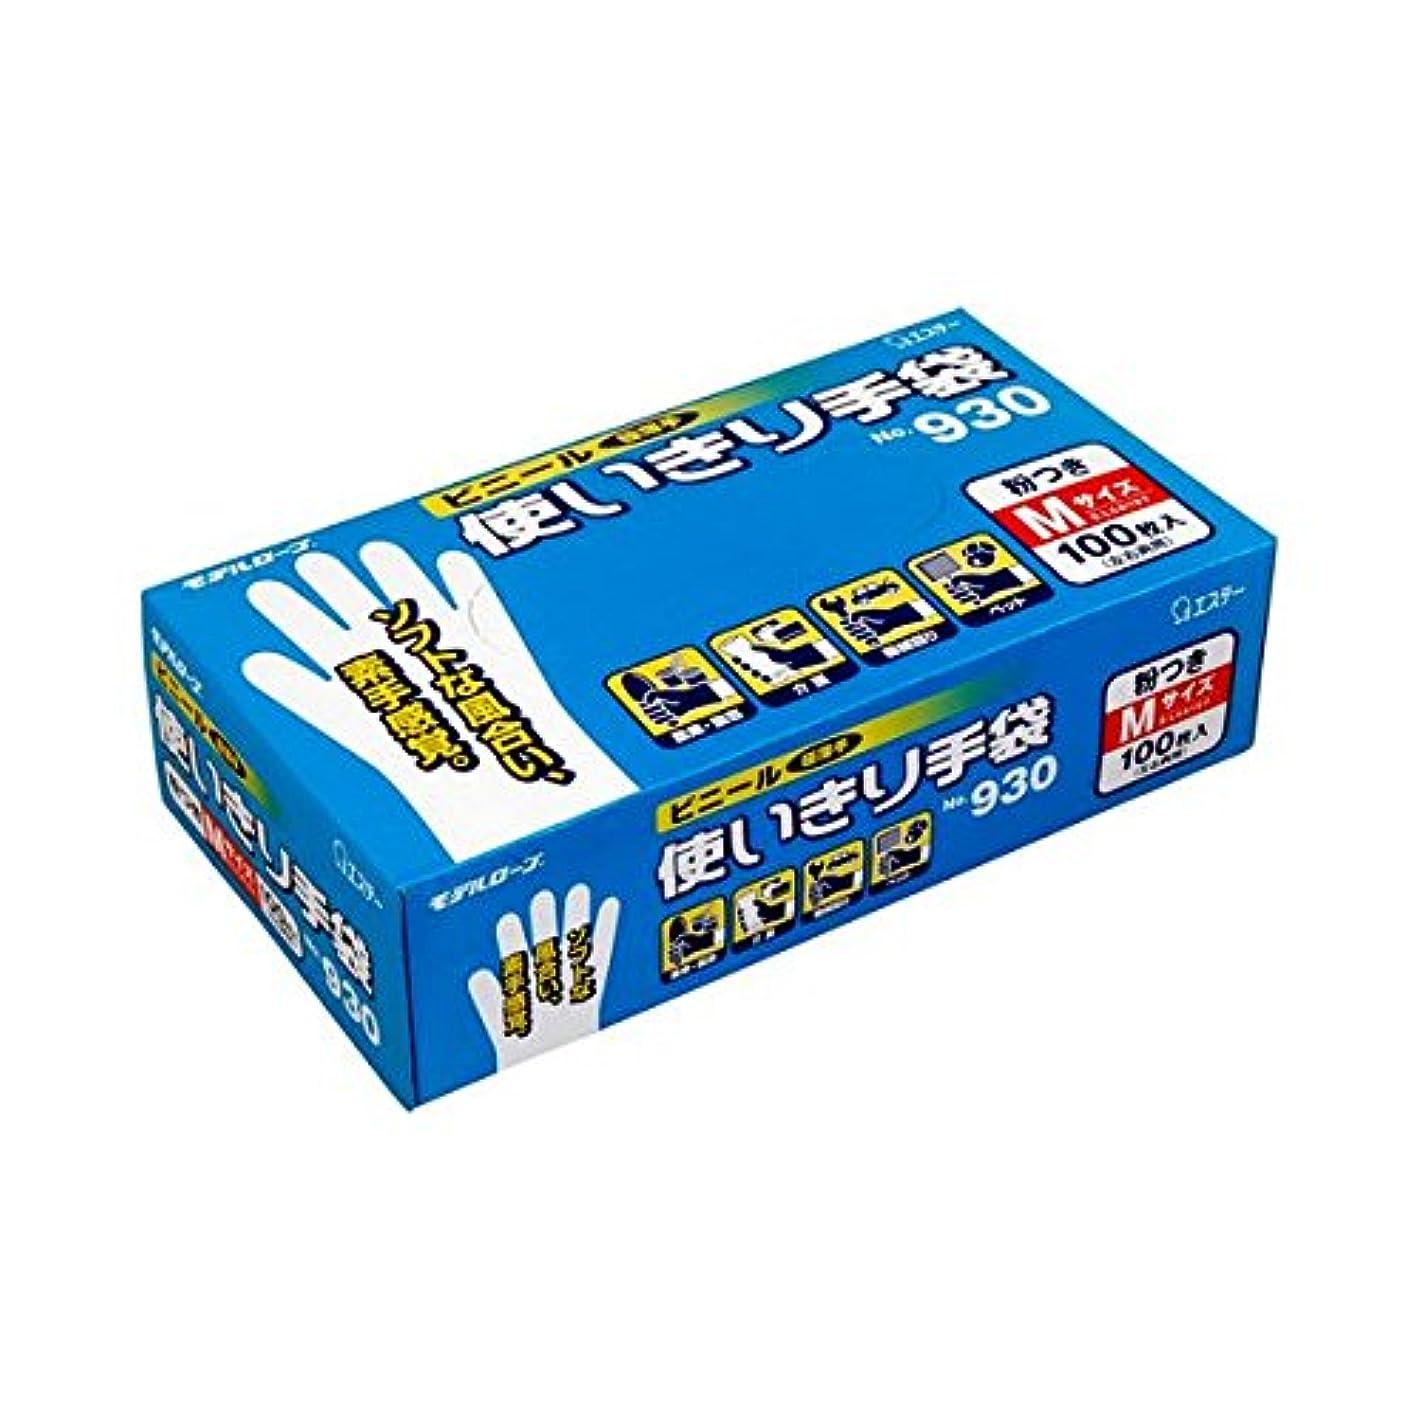 平等有名人ミニチュア(まとめ) エステー No.930 ビニール使いきり手袋(粉付) M 1箱(100枚) 【×5セット】 ds-1580597